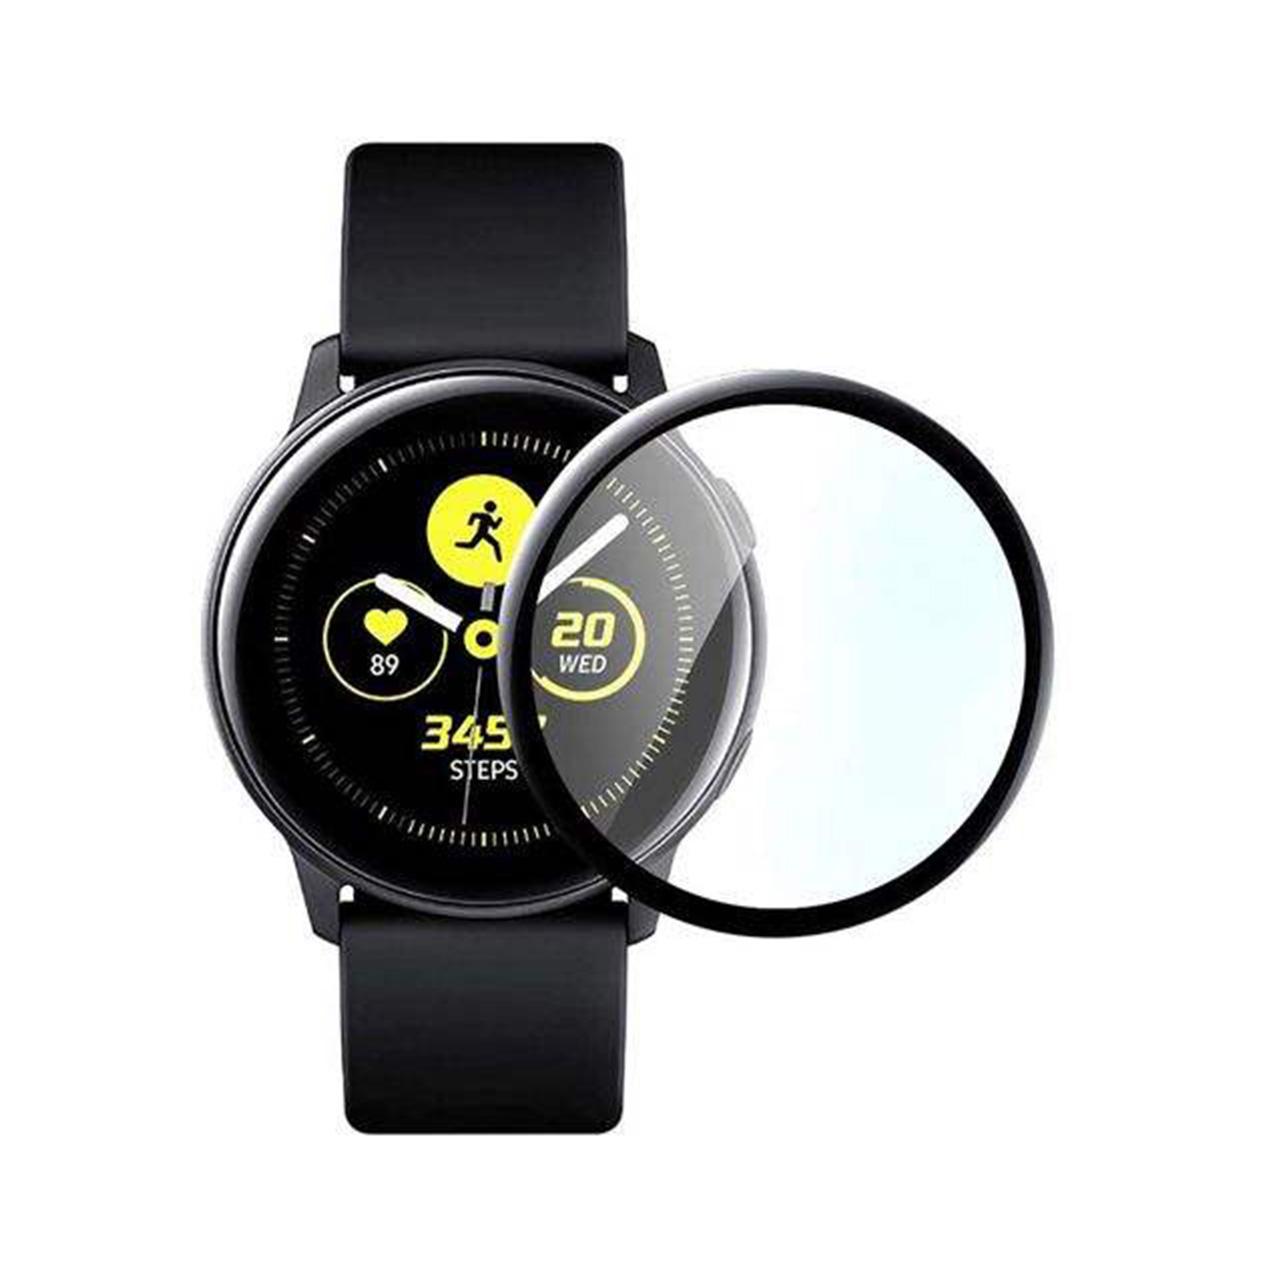 محافظ صفحه نمایش مدل GWA-002 مناسب برای ساعت هوشمند سامسونگ Galaxy Watch Active 2 44mm